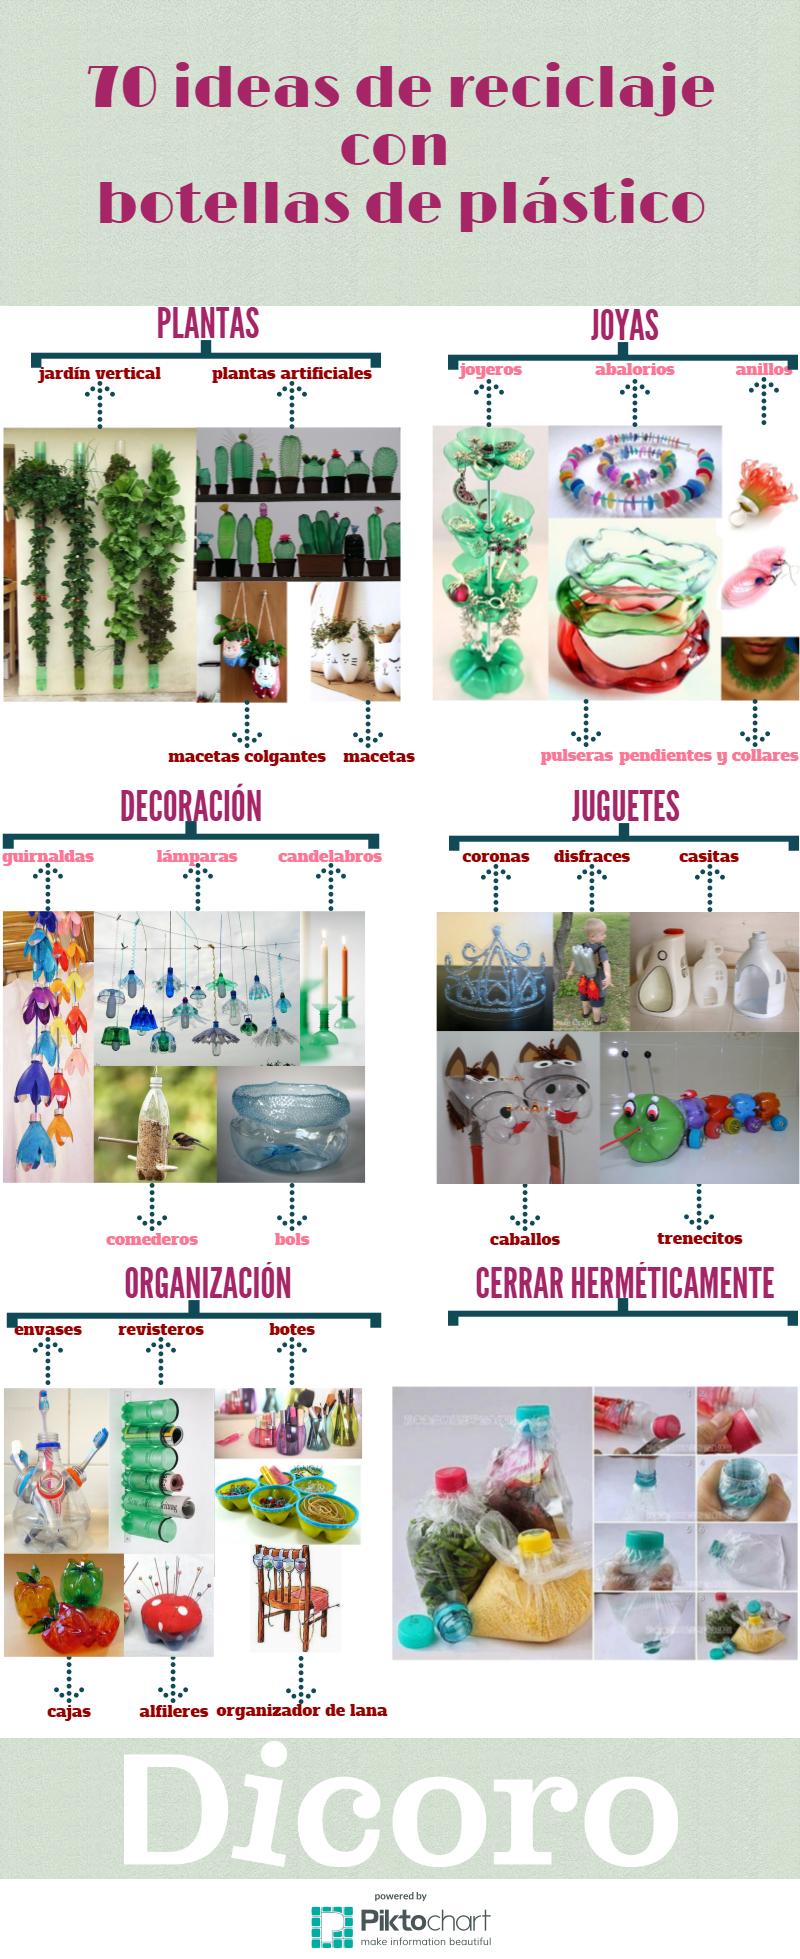 ideas de reciclaje con botellas de plástico